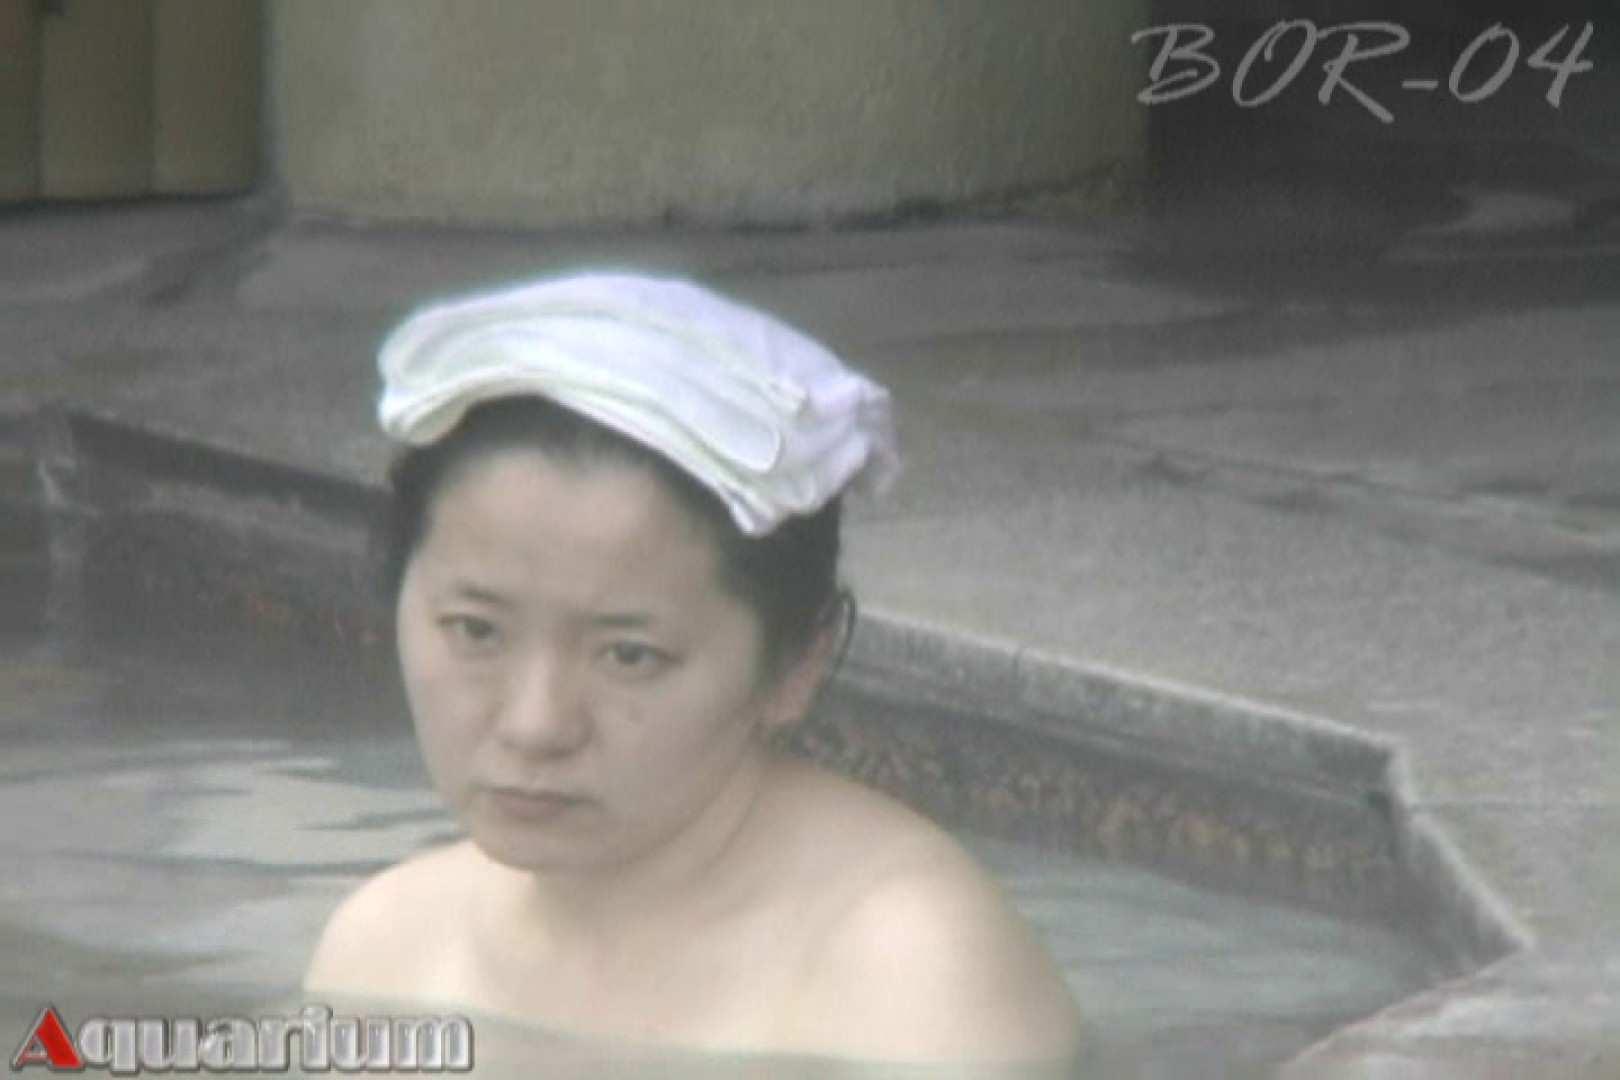 Aquaな露天風呂Vol.506 OLのエロ生活  99連発 3